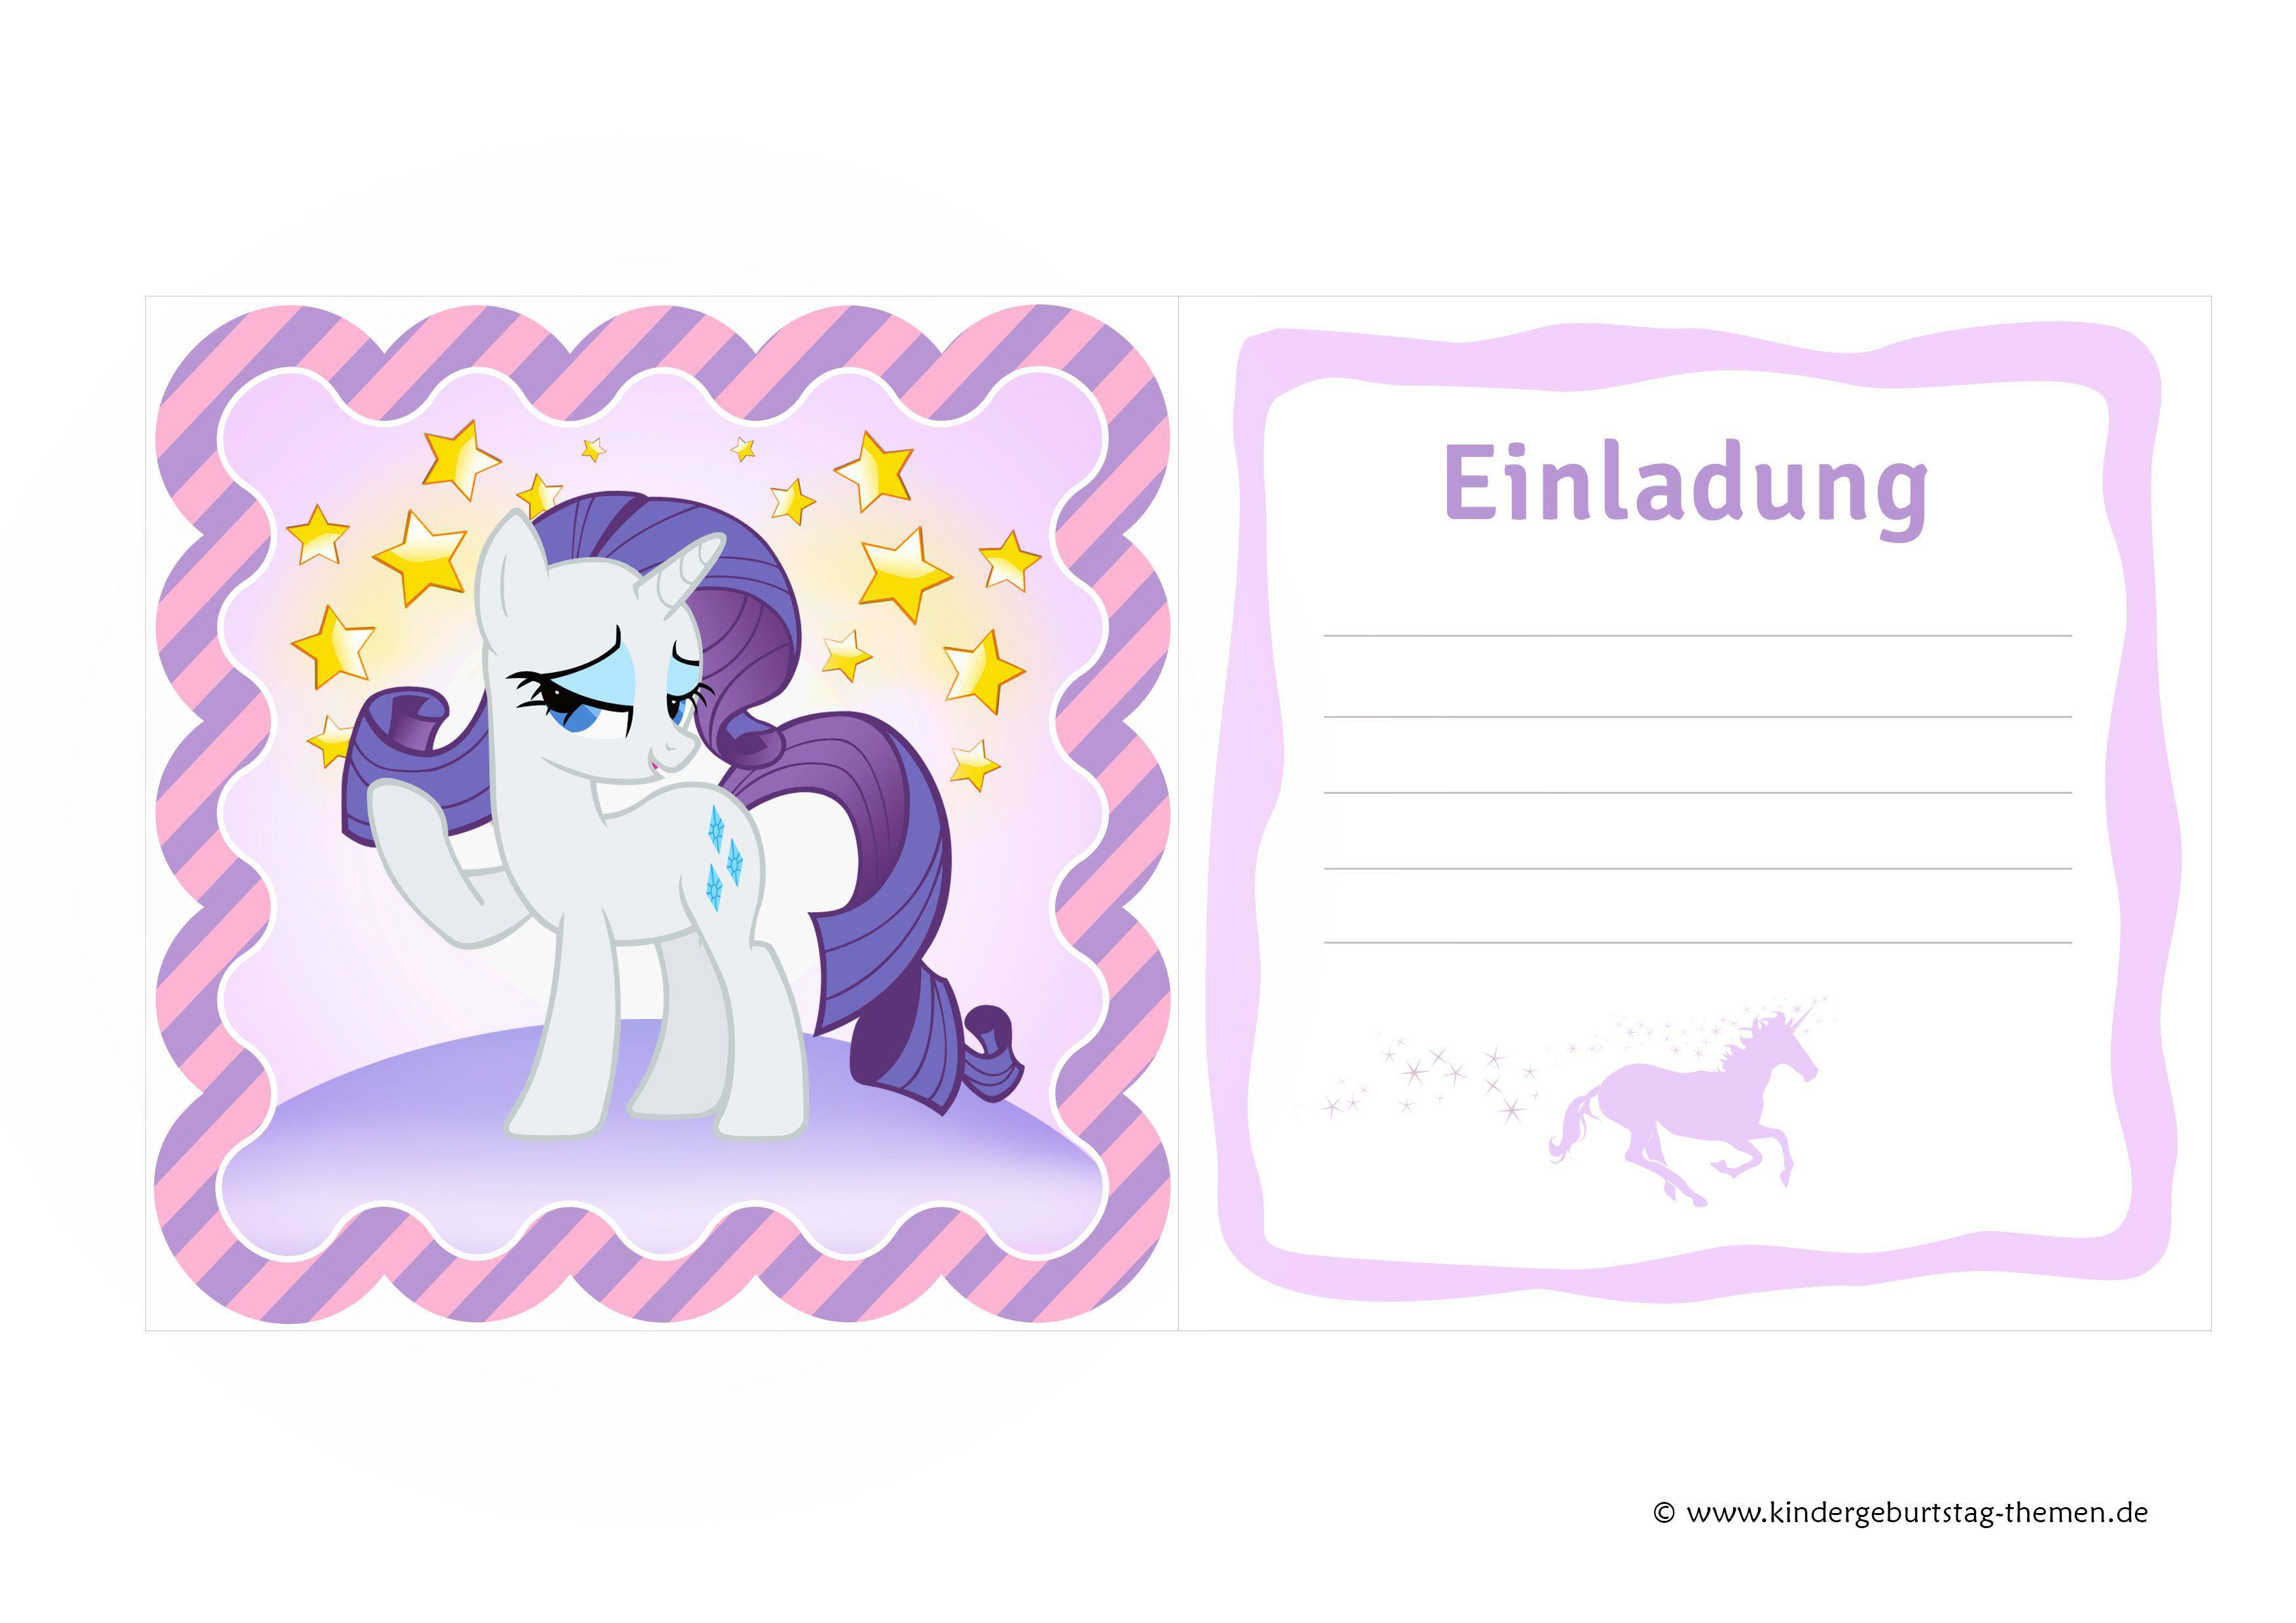 Geburtstagskarten Zum Ausdrucken Kostenlos  Geburtstagskarten Zum Ausdrucken Kostenlos Kinder